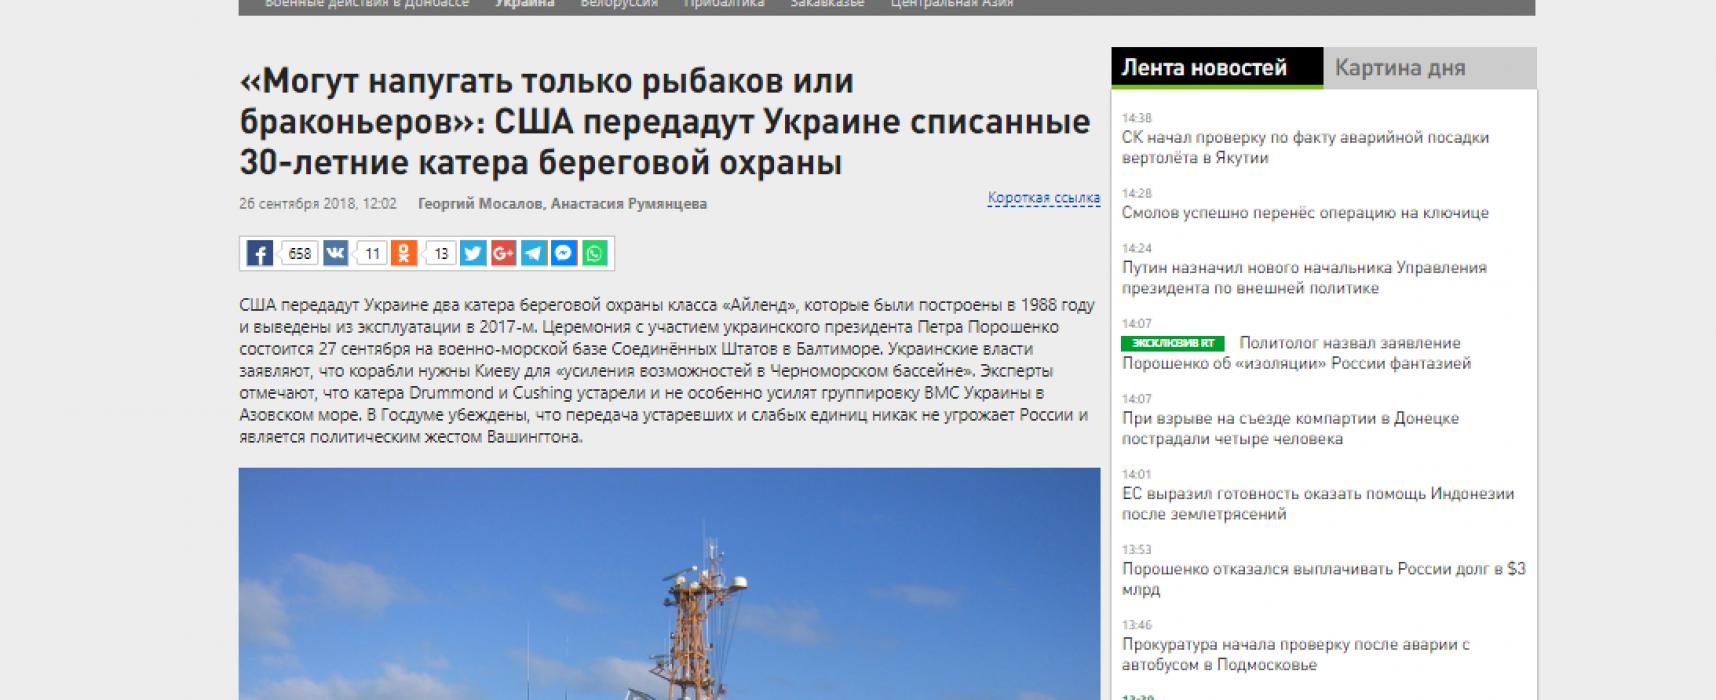 """Фейк RT: Полученные Украиной американские катера """"могут напугать только рыбаков и браконьеров"""""""